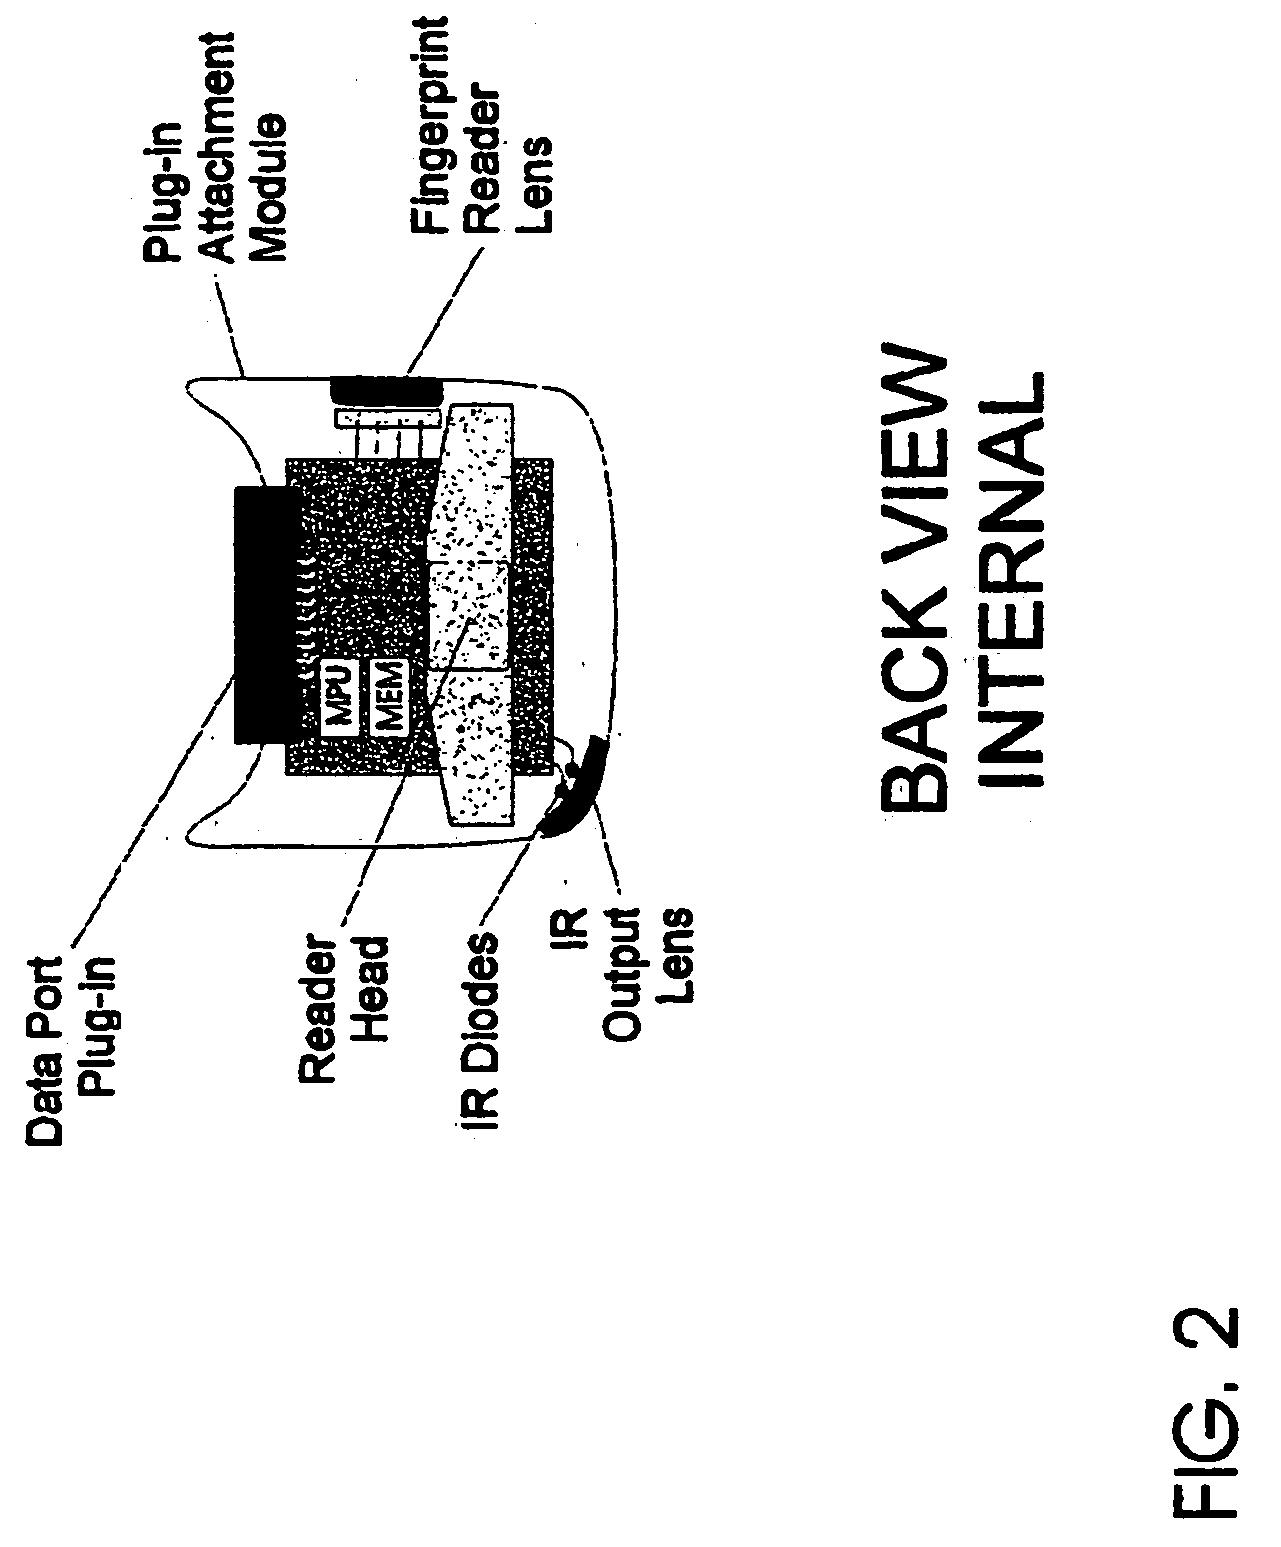 patent us20040104268